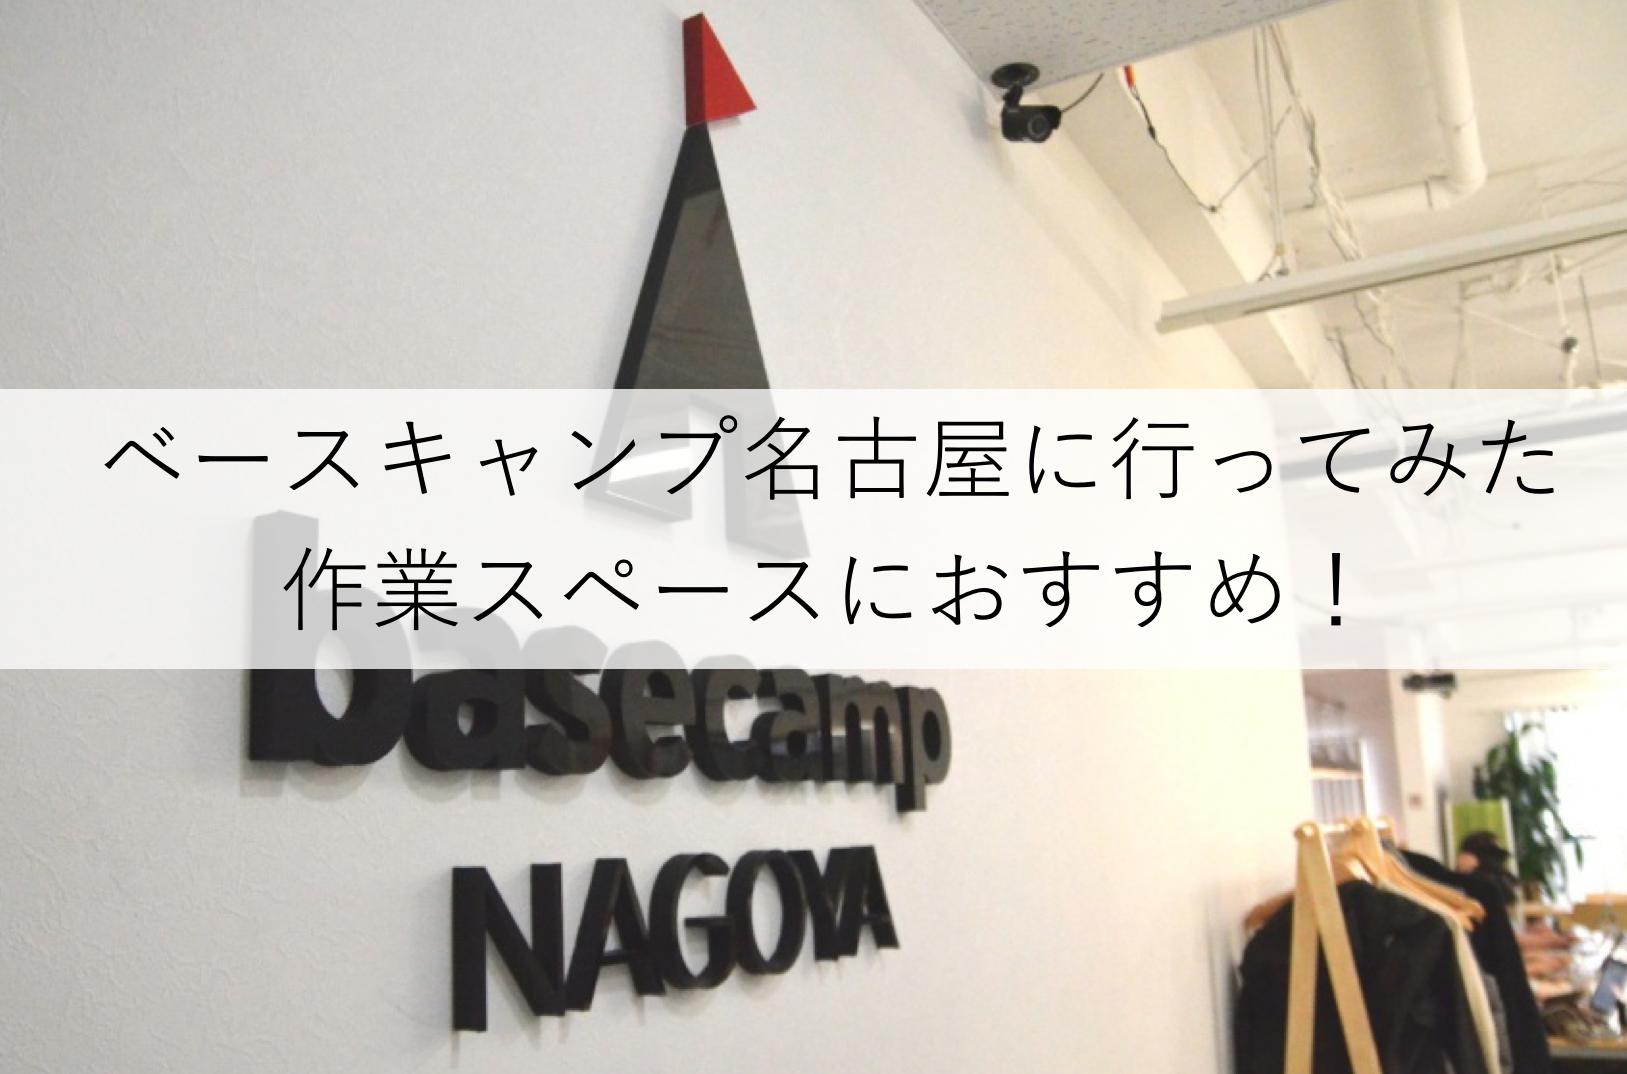 【ベースキャンプ名古屋】作業に集中したい方におすすめコワーキングスペース